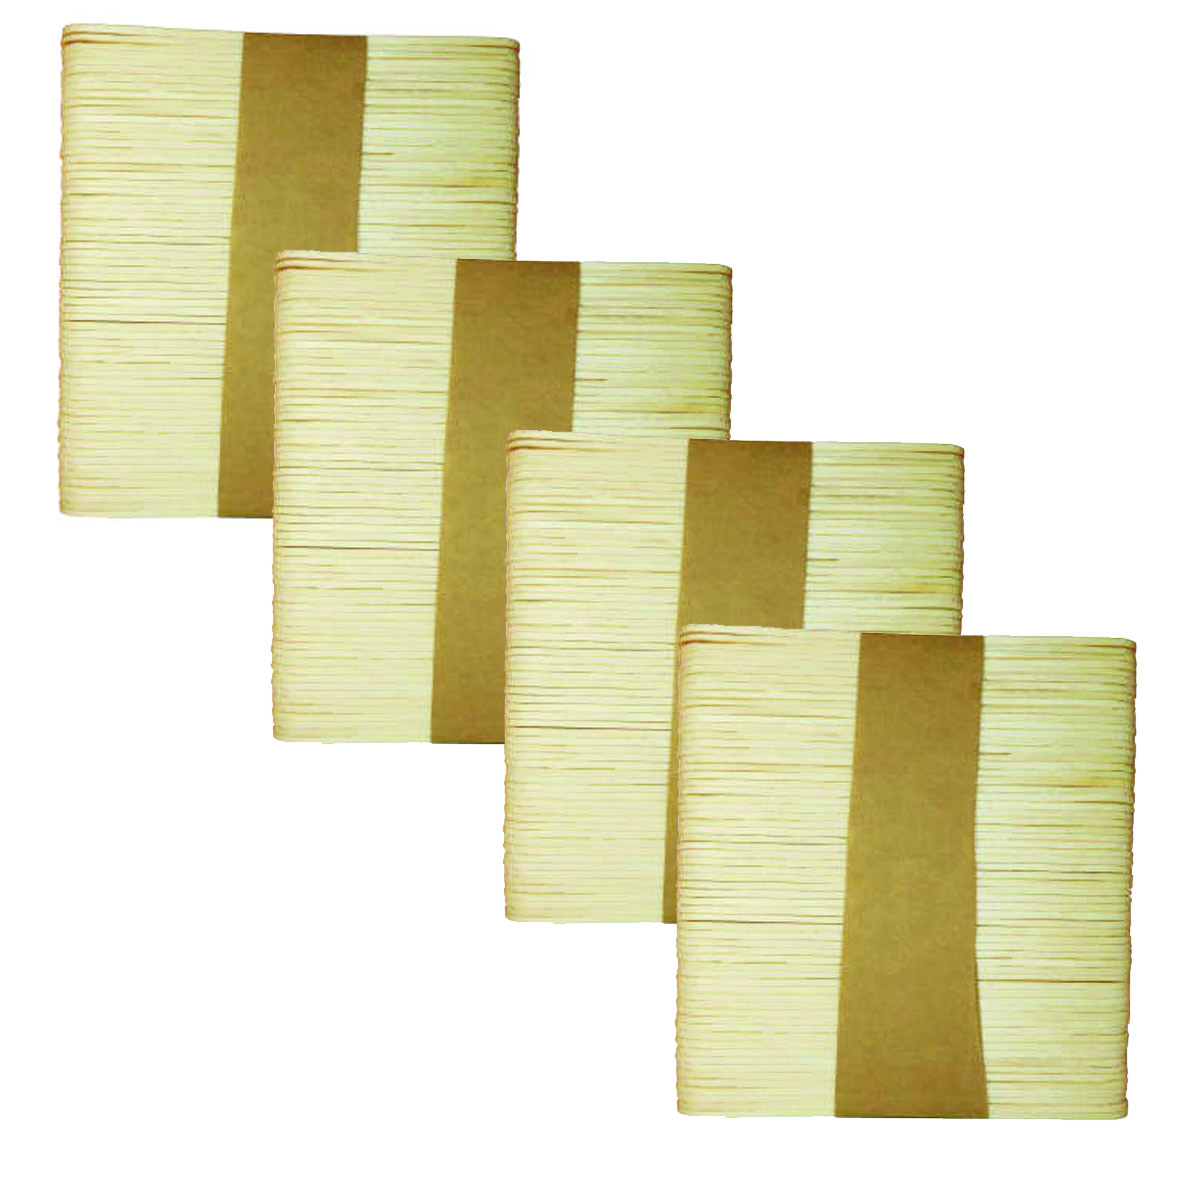 قیمت خرید چوب بستنی مدل Ban240 بسته 240 عددی اورجینال